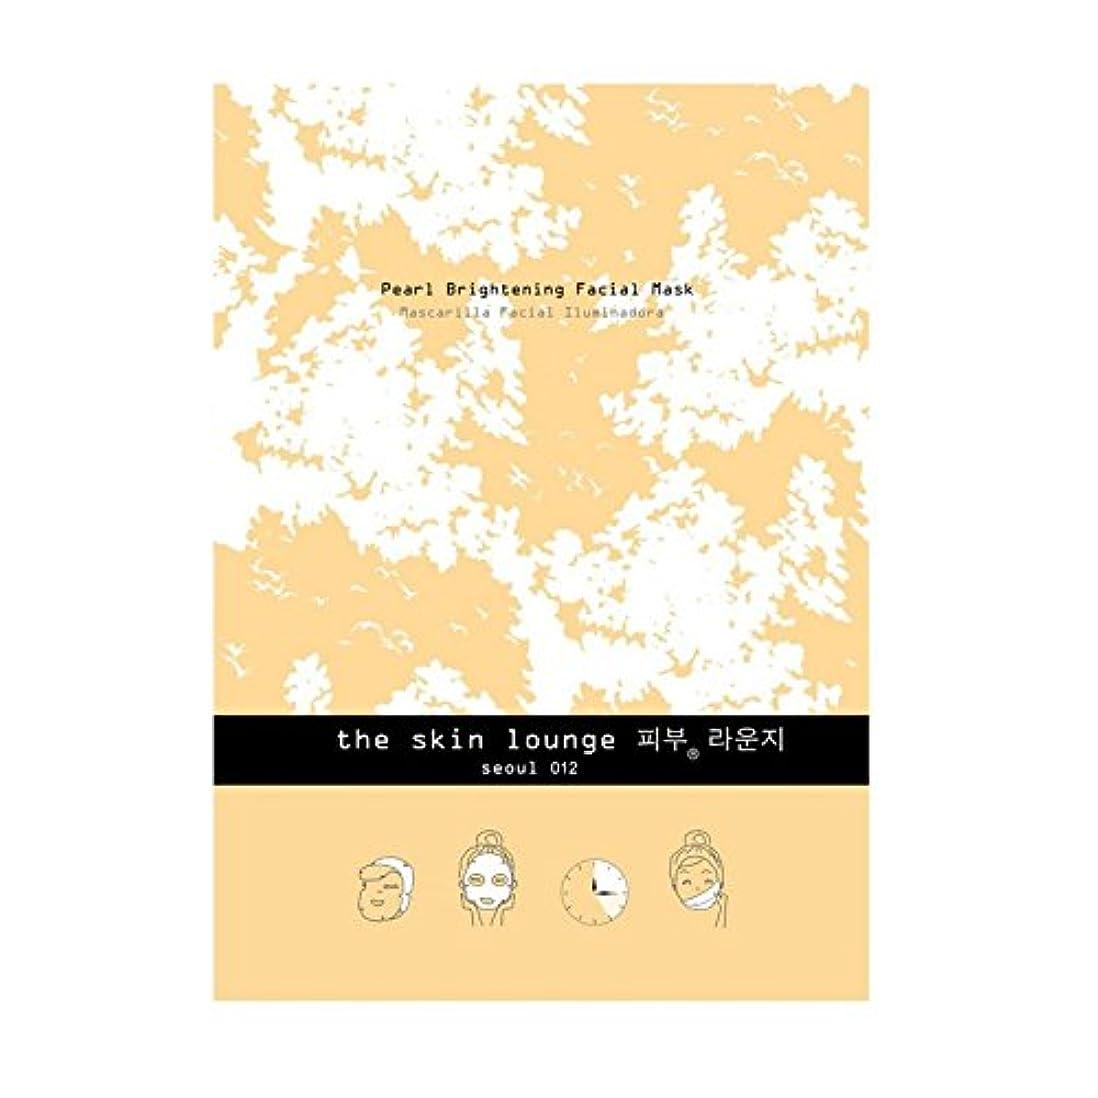 置き場知覚的トークン単一セルロースマスクを明るく皮膚ラウンジ真珠 x2 - The Skin Lounge Pearl Brightening Single Cellulose Mask (Pack of 2) [並行輸入品]